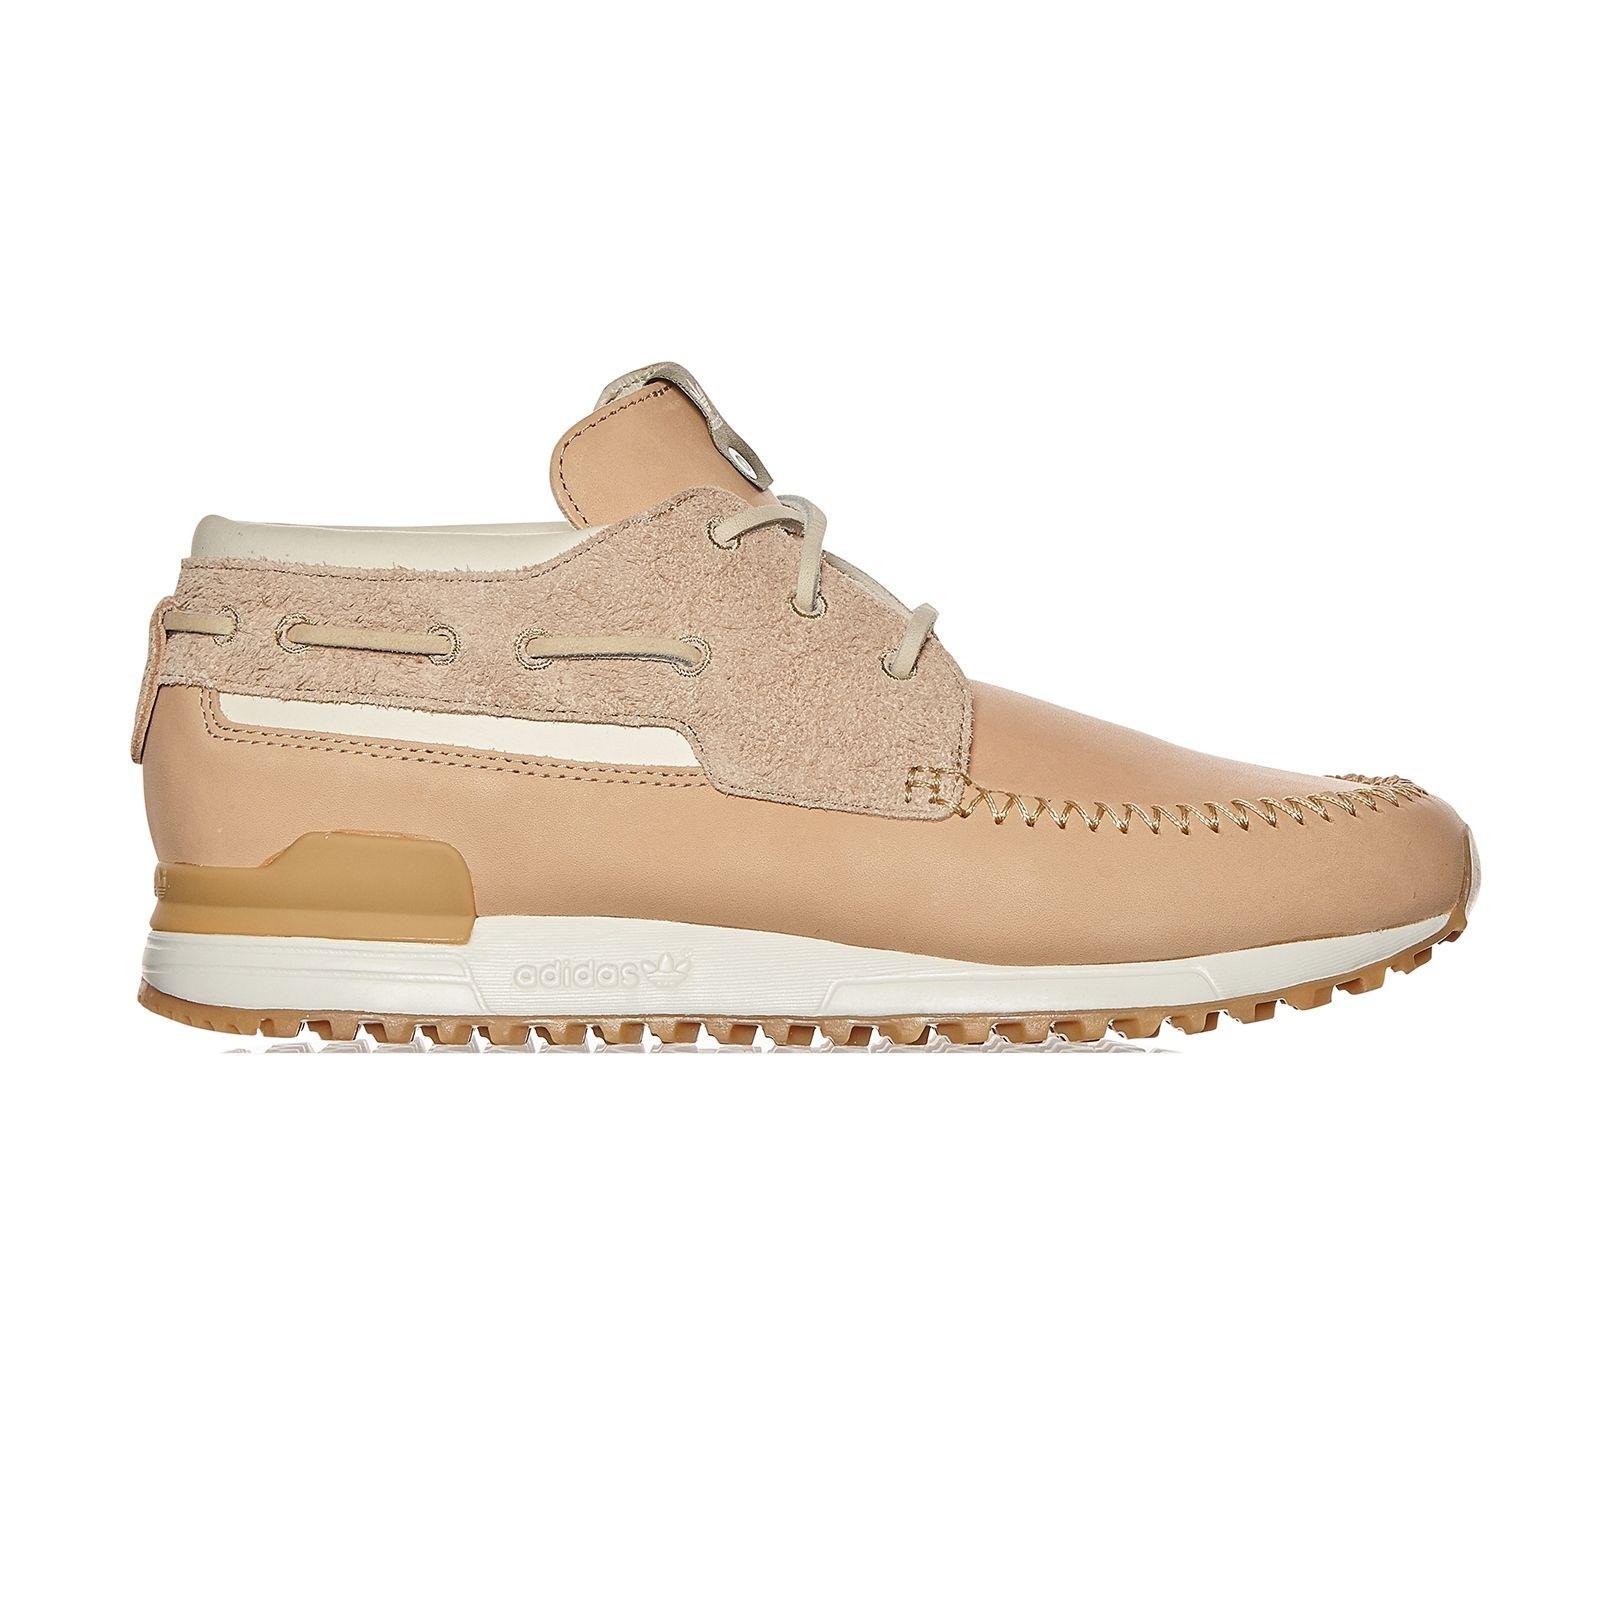 detalles para hermosa y encantadora compra especial adidas Consortium End Clothing x ZX 700 Boat Sneakers | Latest ...